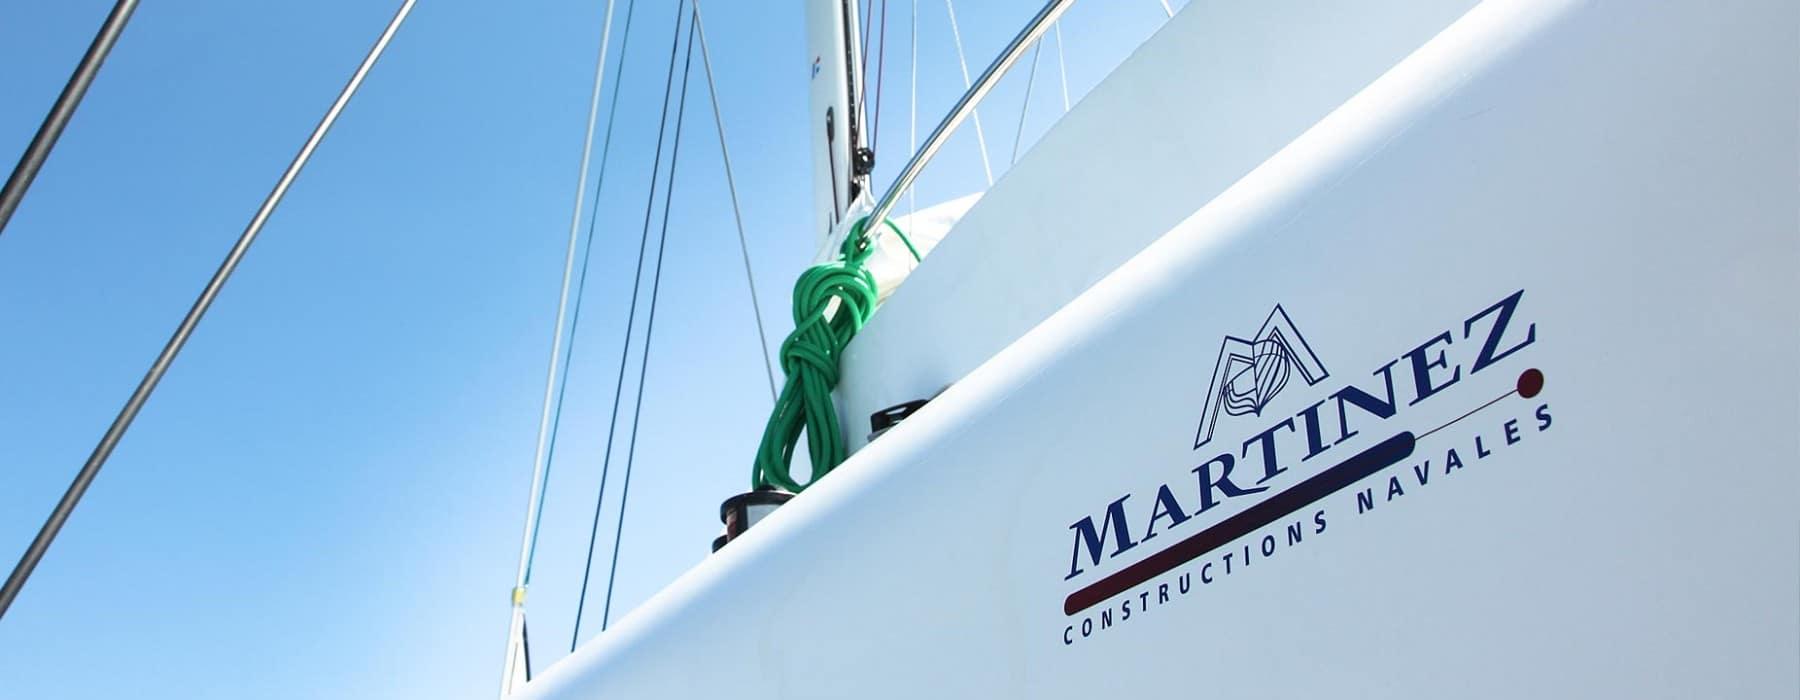 Martinez - constructeur de bateaux de servitude